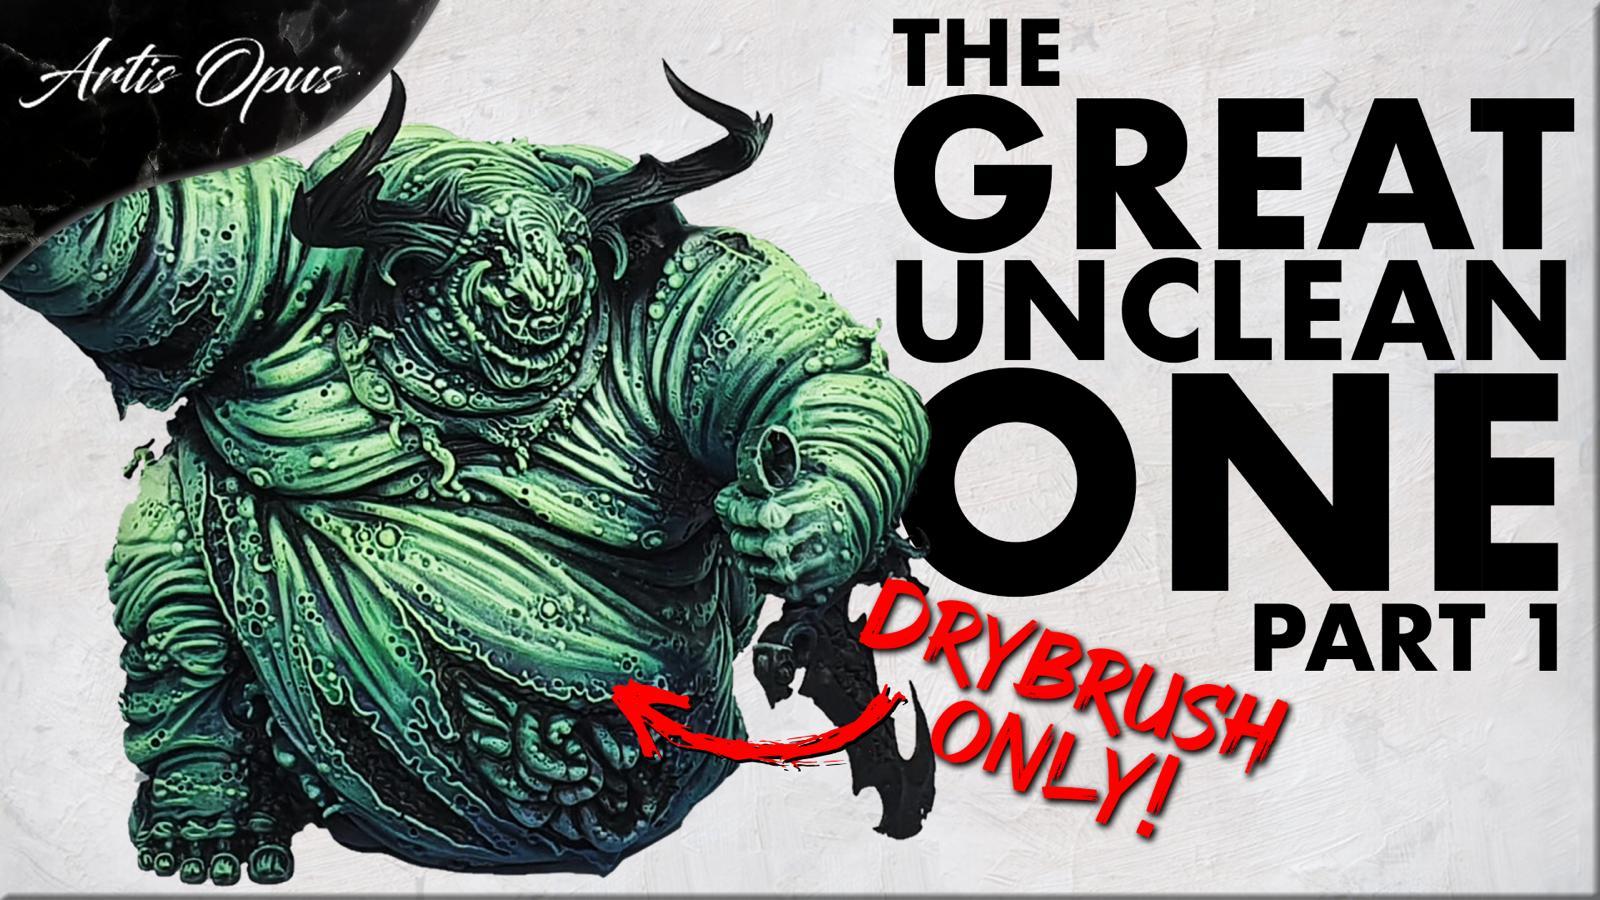 Artis Opus Great Unclean One Bundle